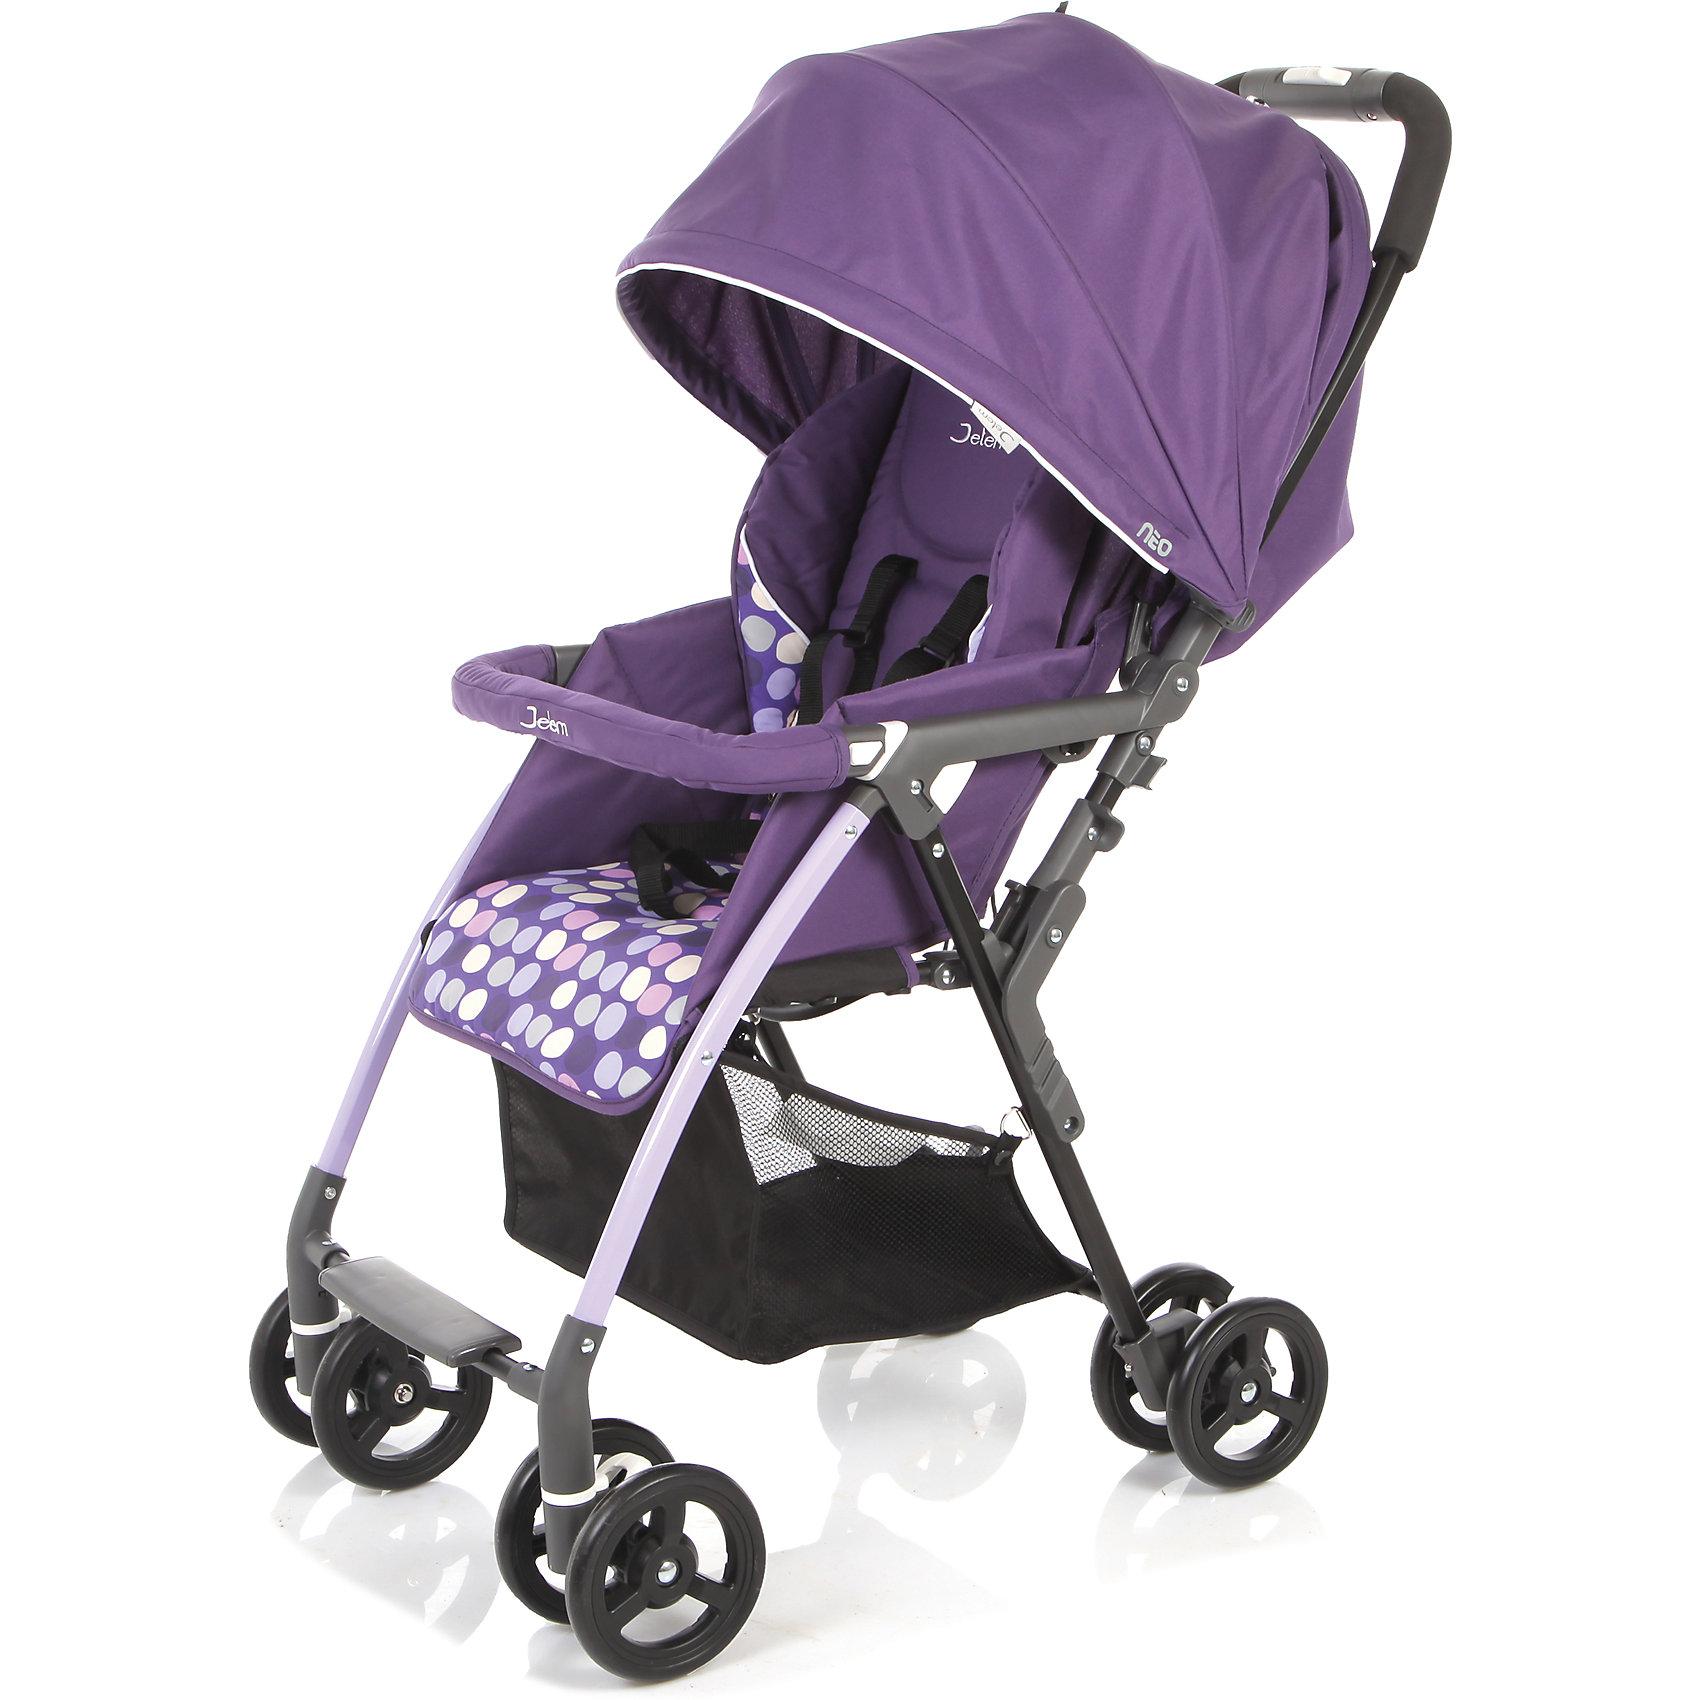 Прогулочная коляска Neo, Jetem, фиолетовый